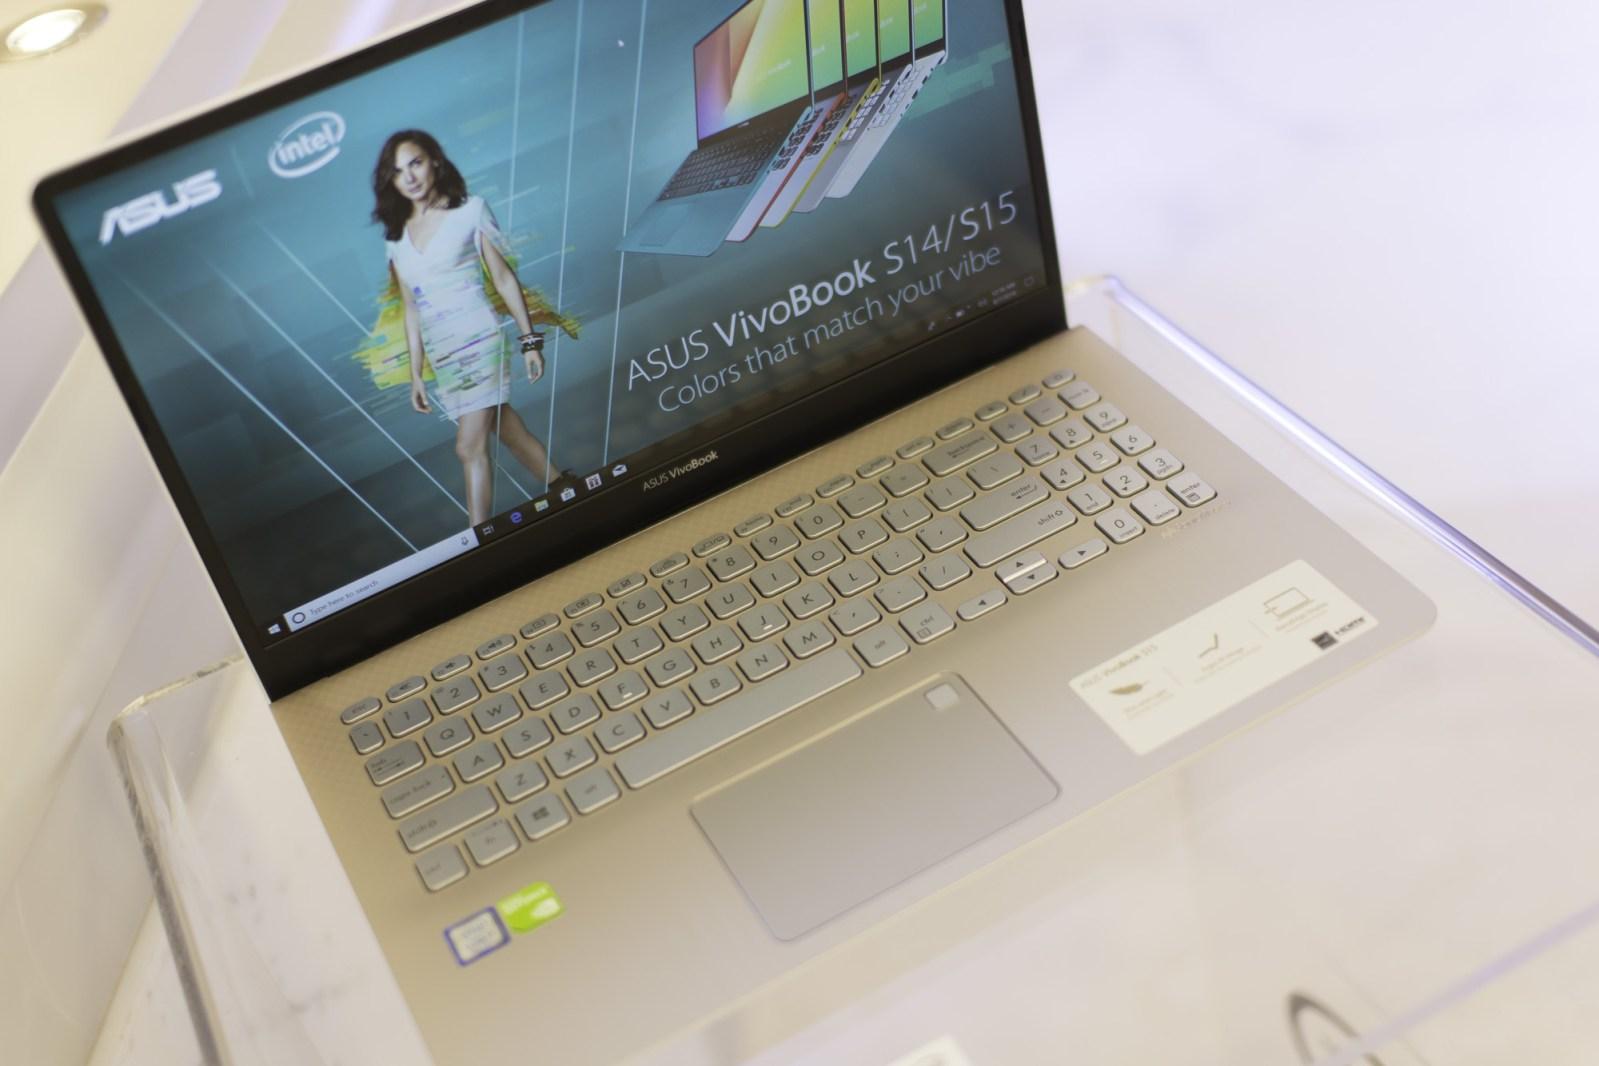 ASUS VivoBook S14 S15 Philippines